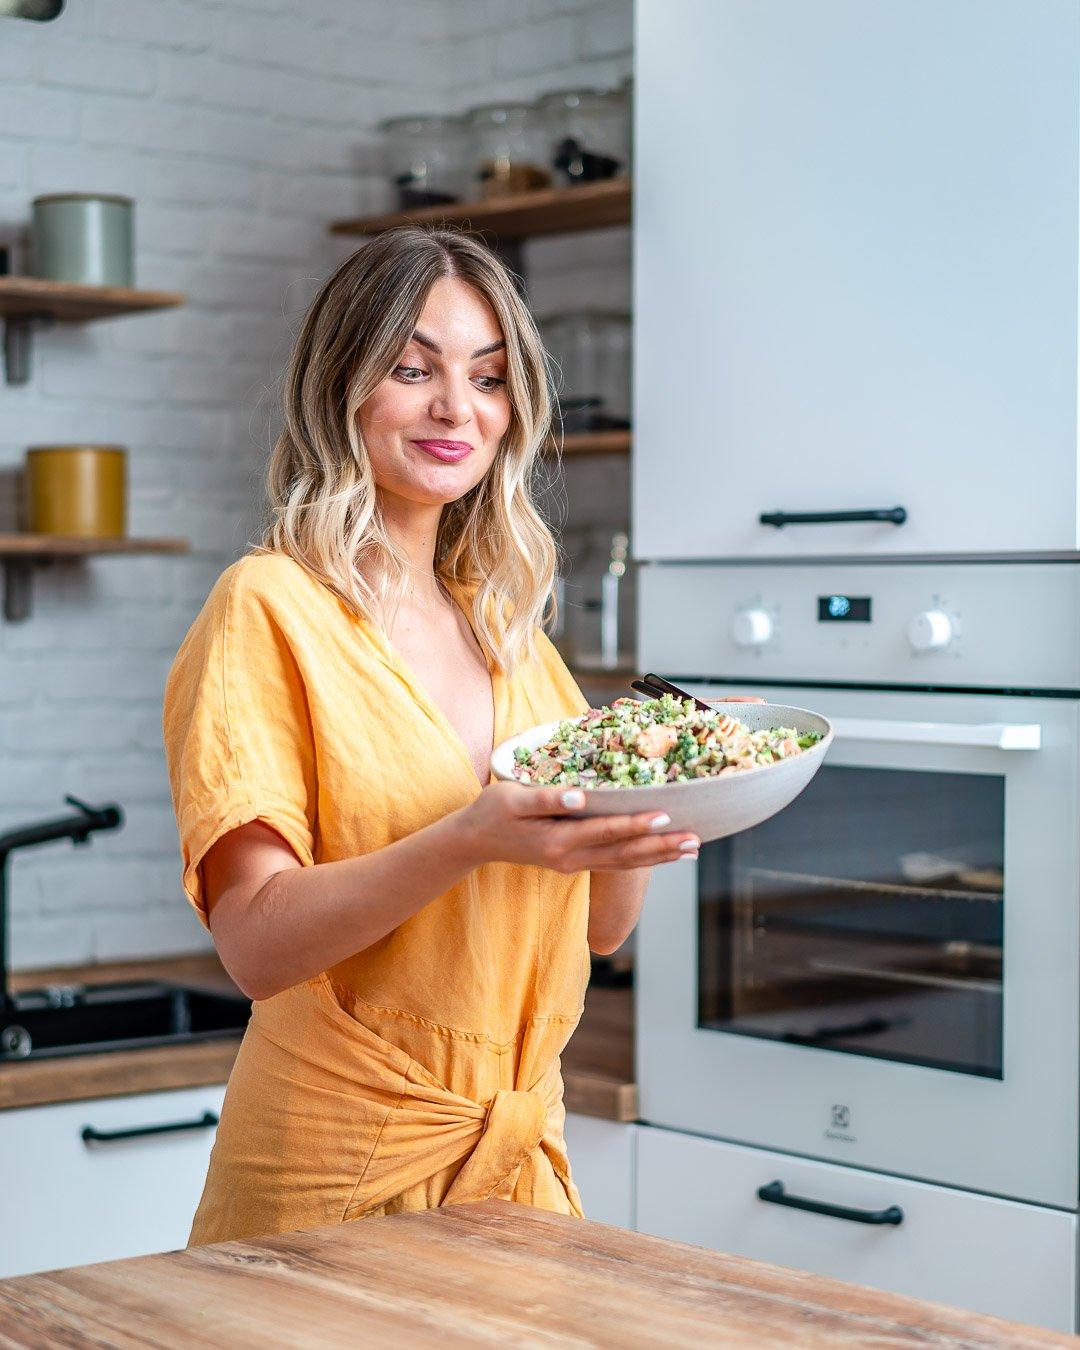 Keto Broccoli bacon salad recipe-21